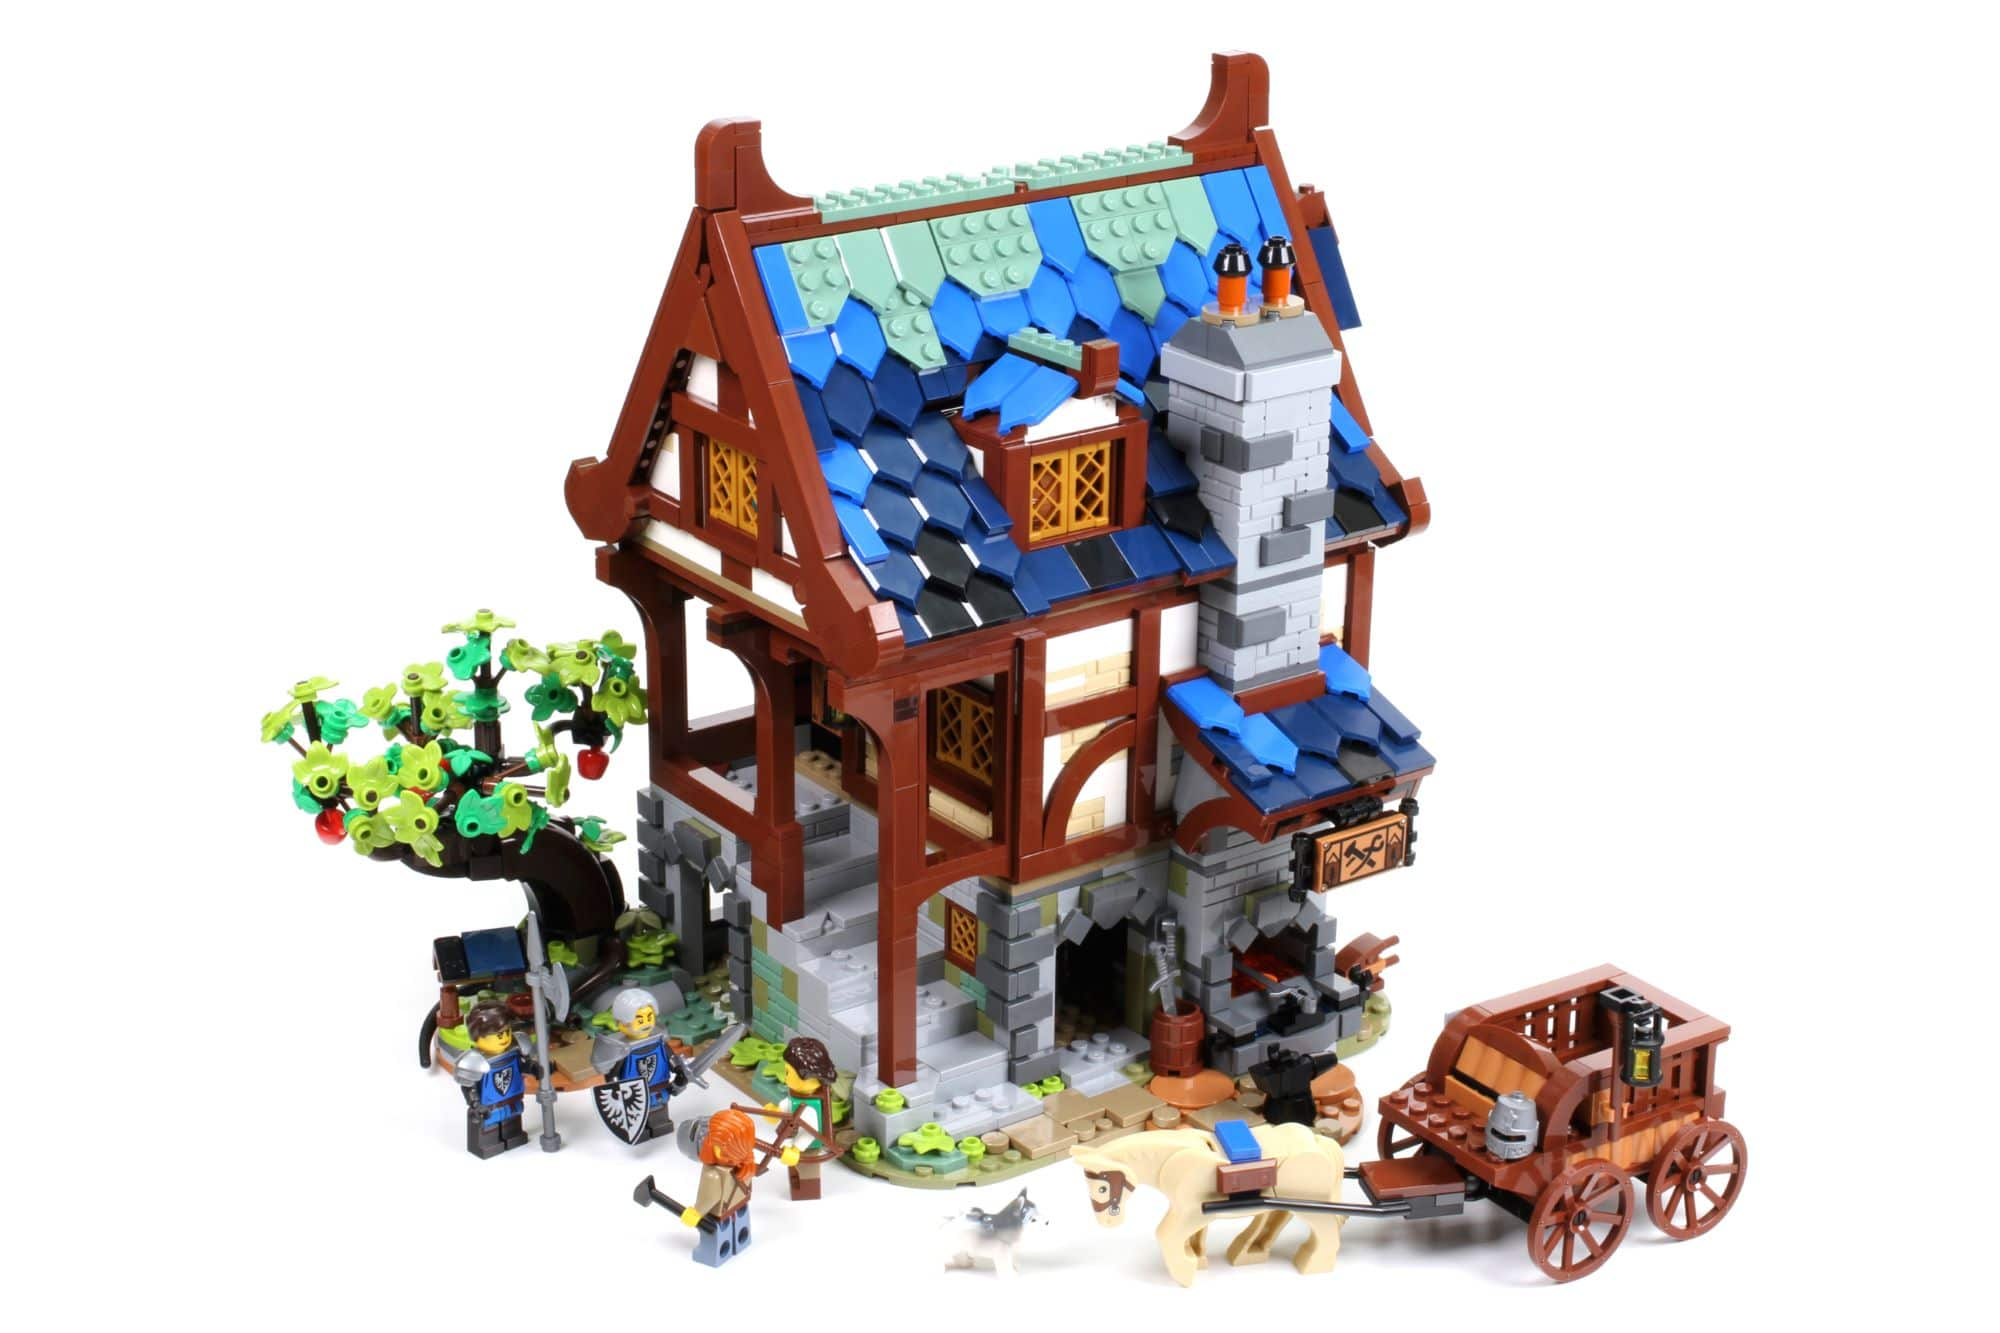 LEGO Ideas 21325 Mittelalterliche Schmiede Bauabschnitt 14 5